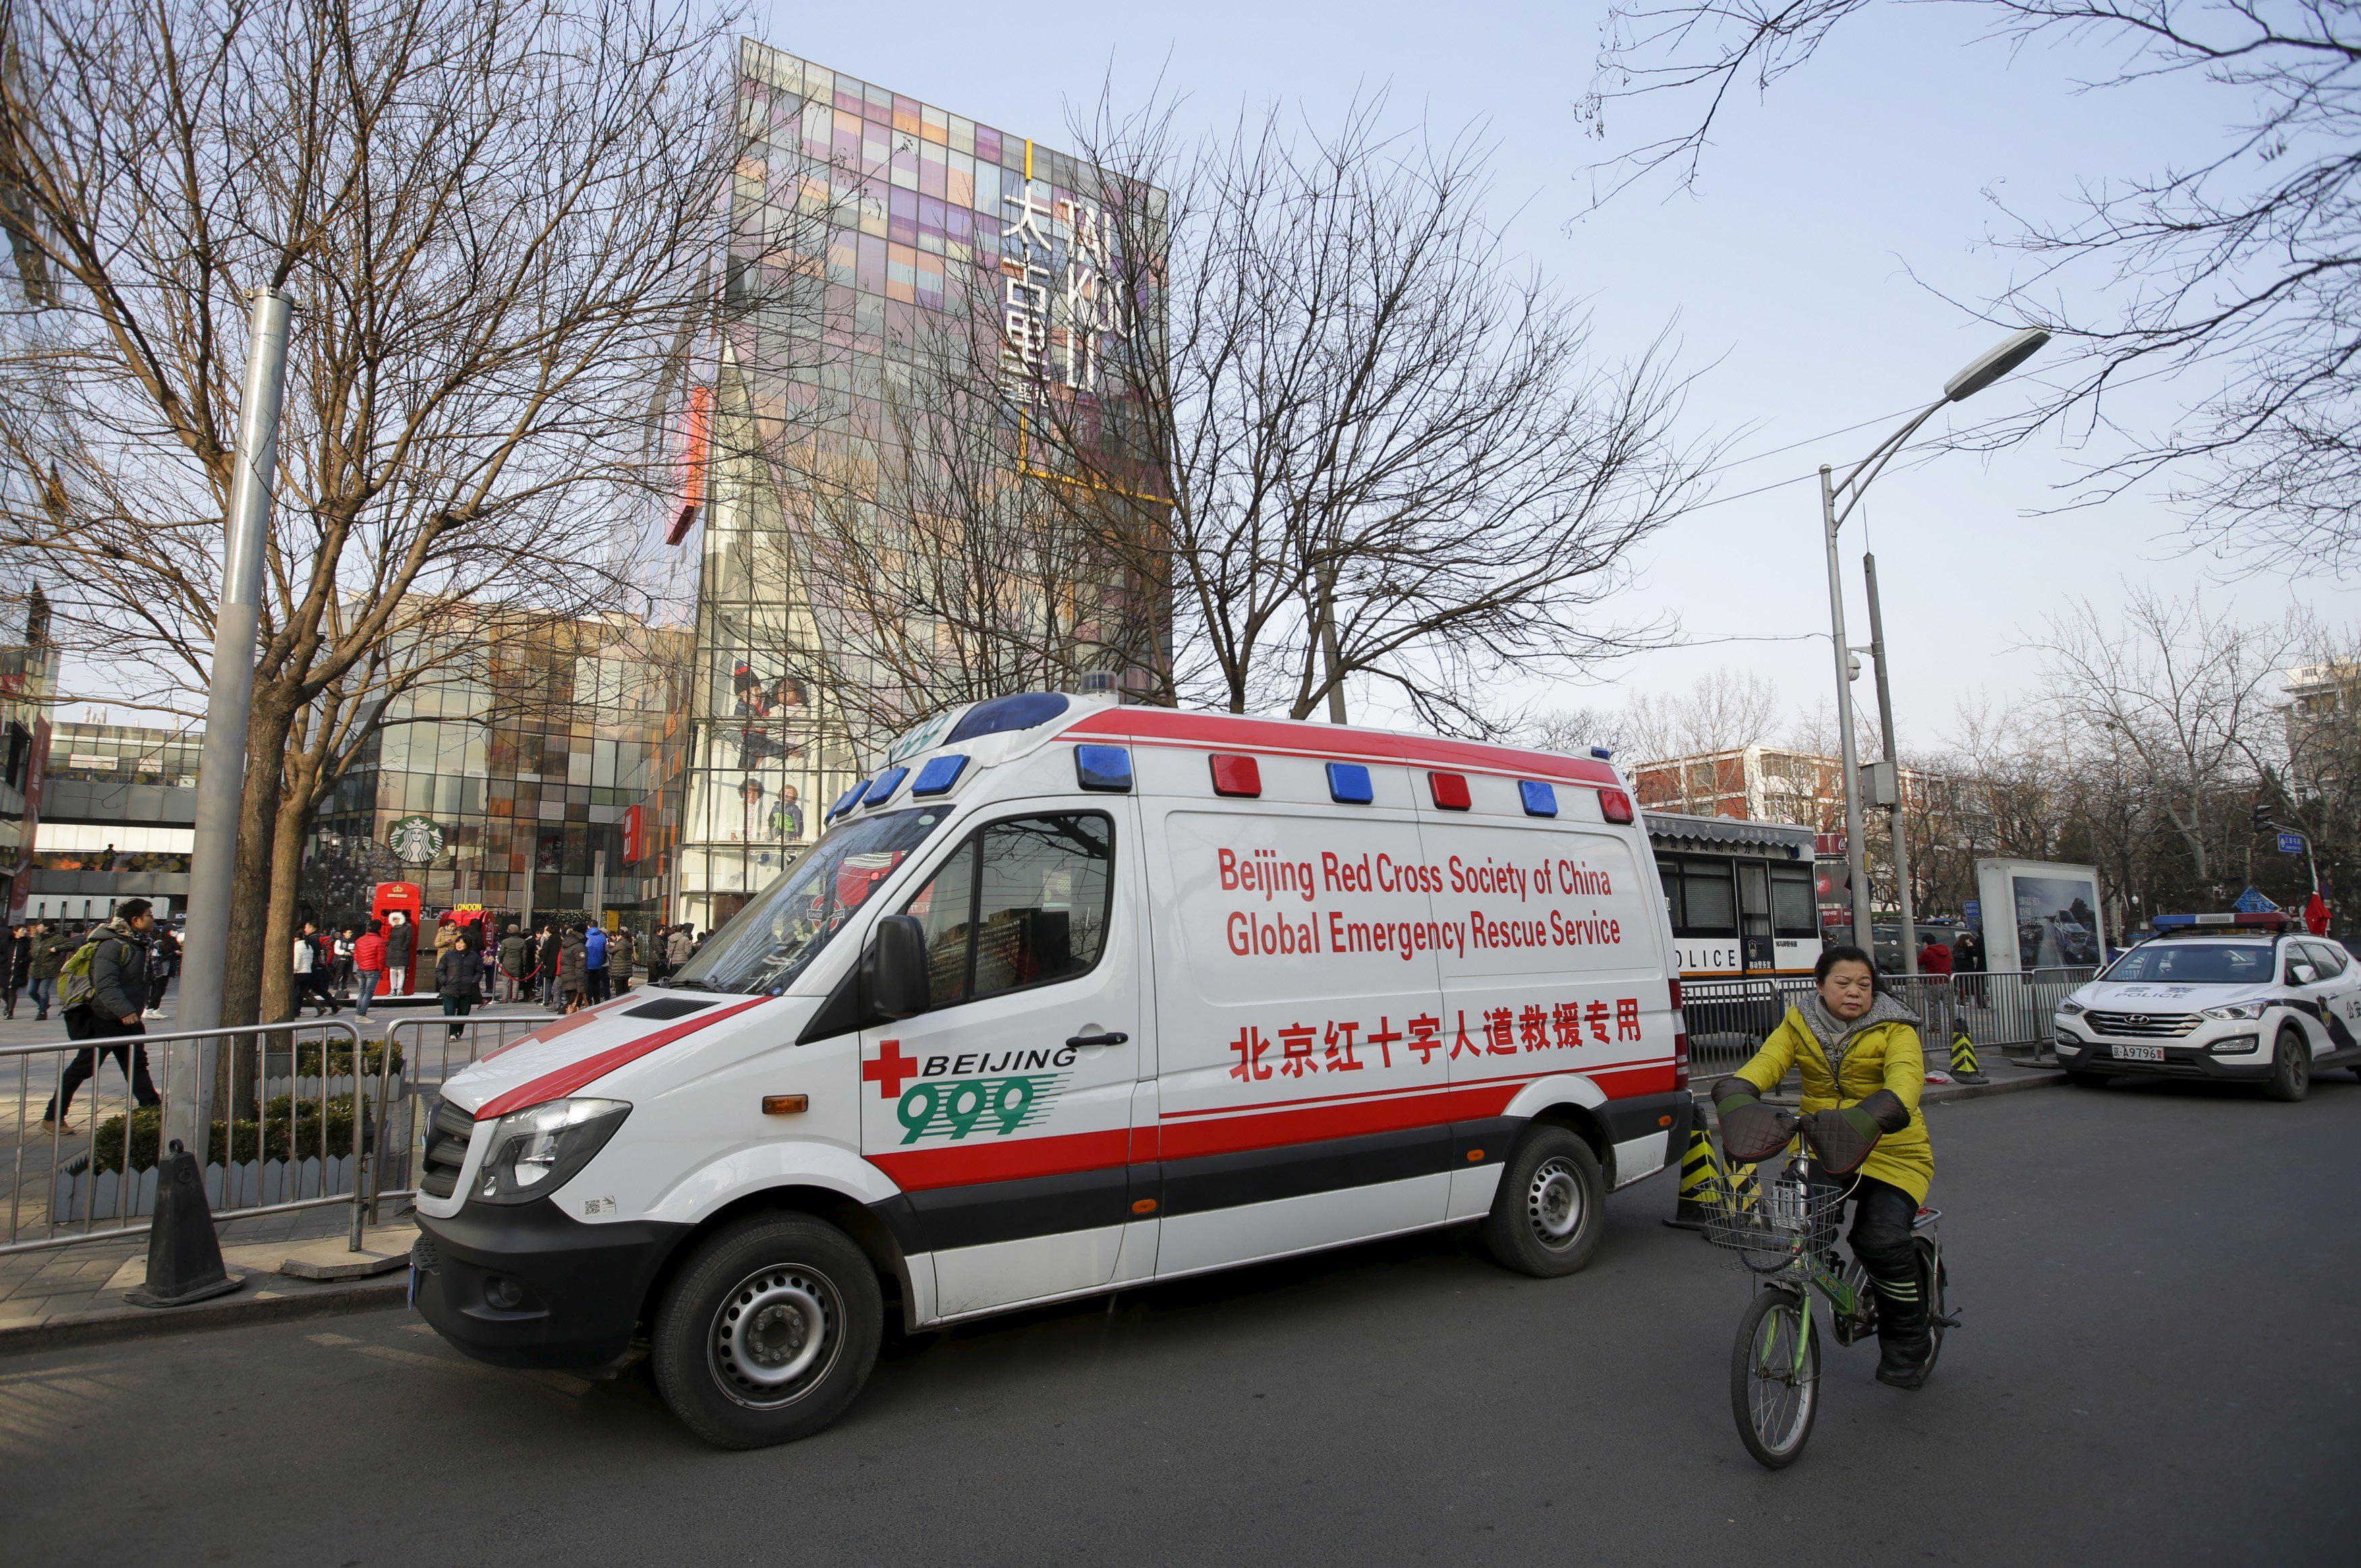 Скорая помощь в Китае, иллюстрация